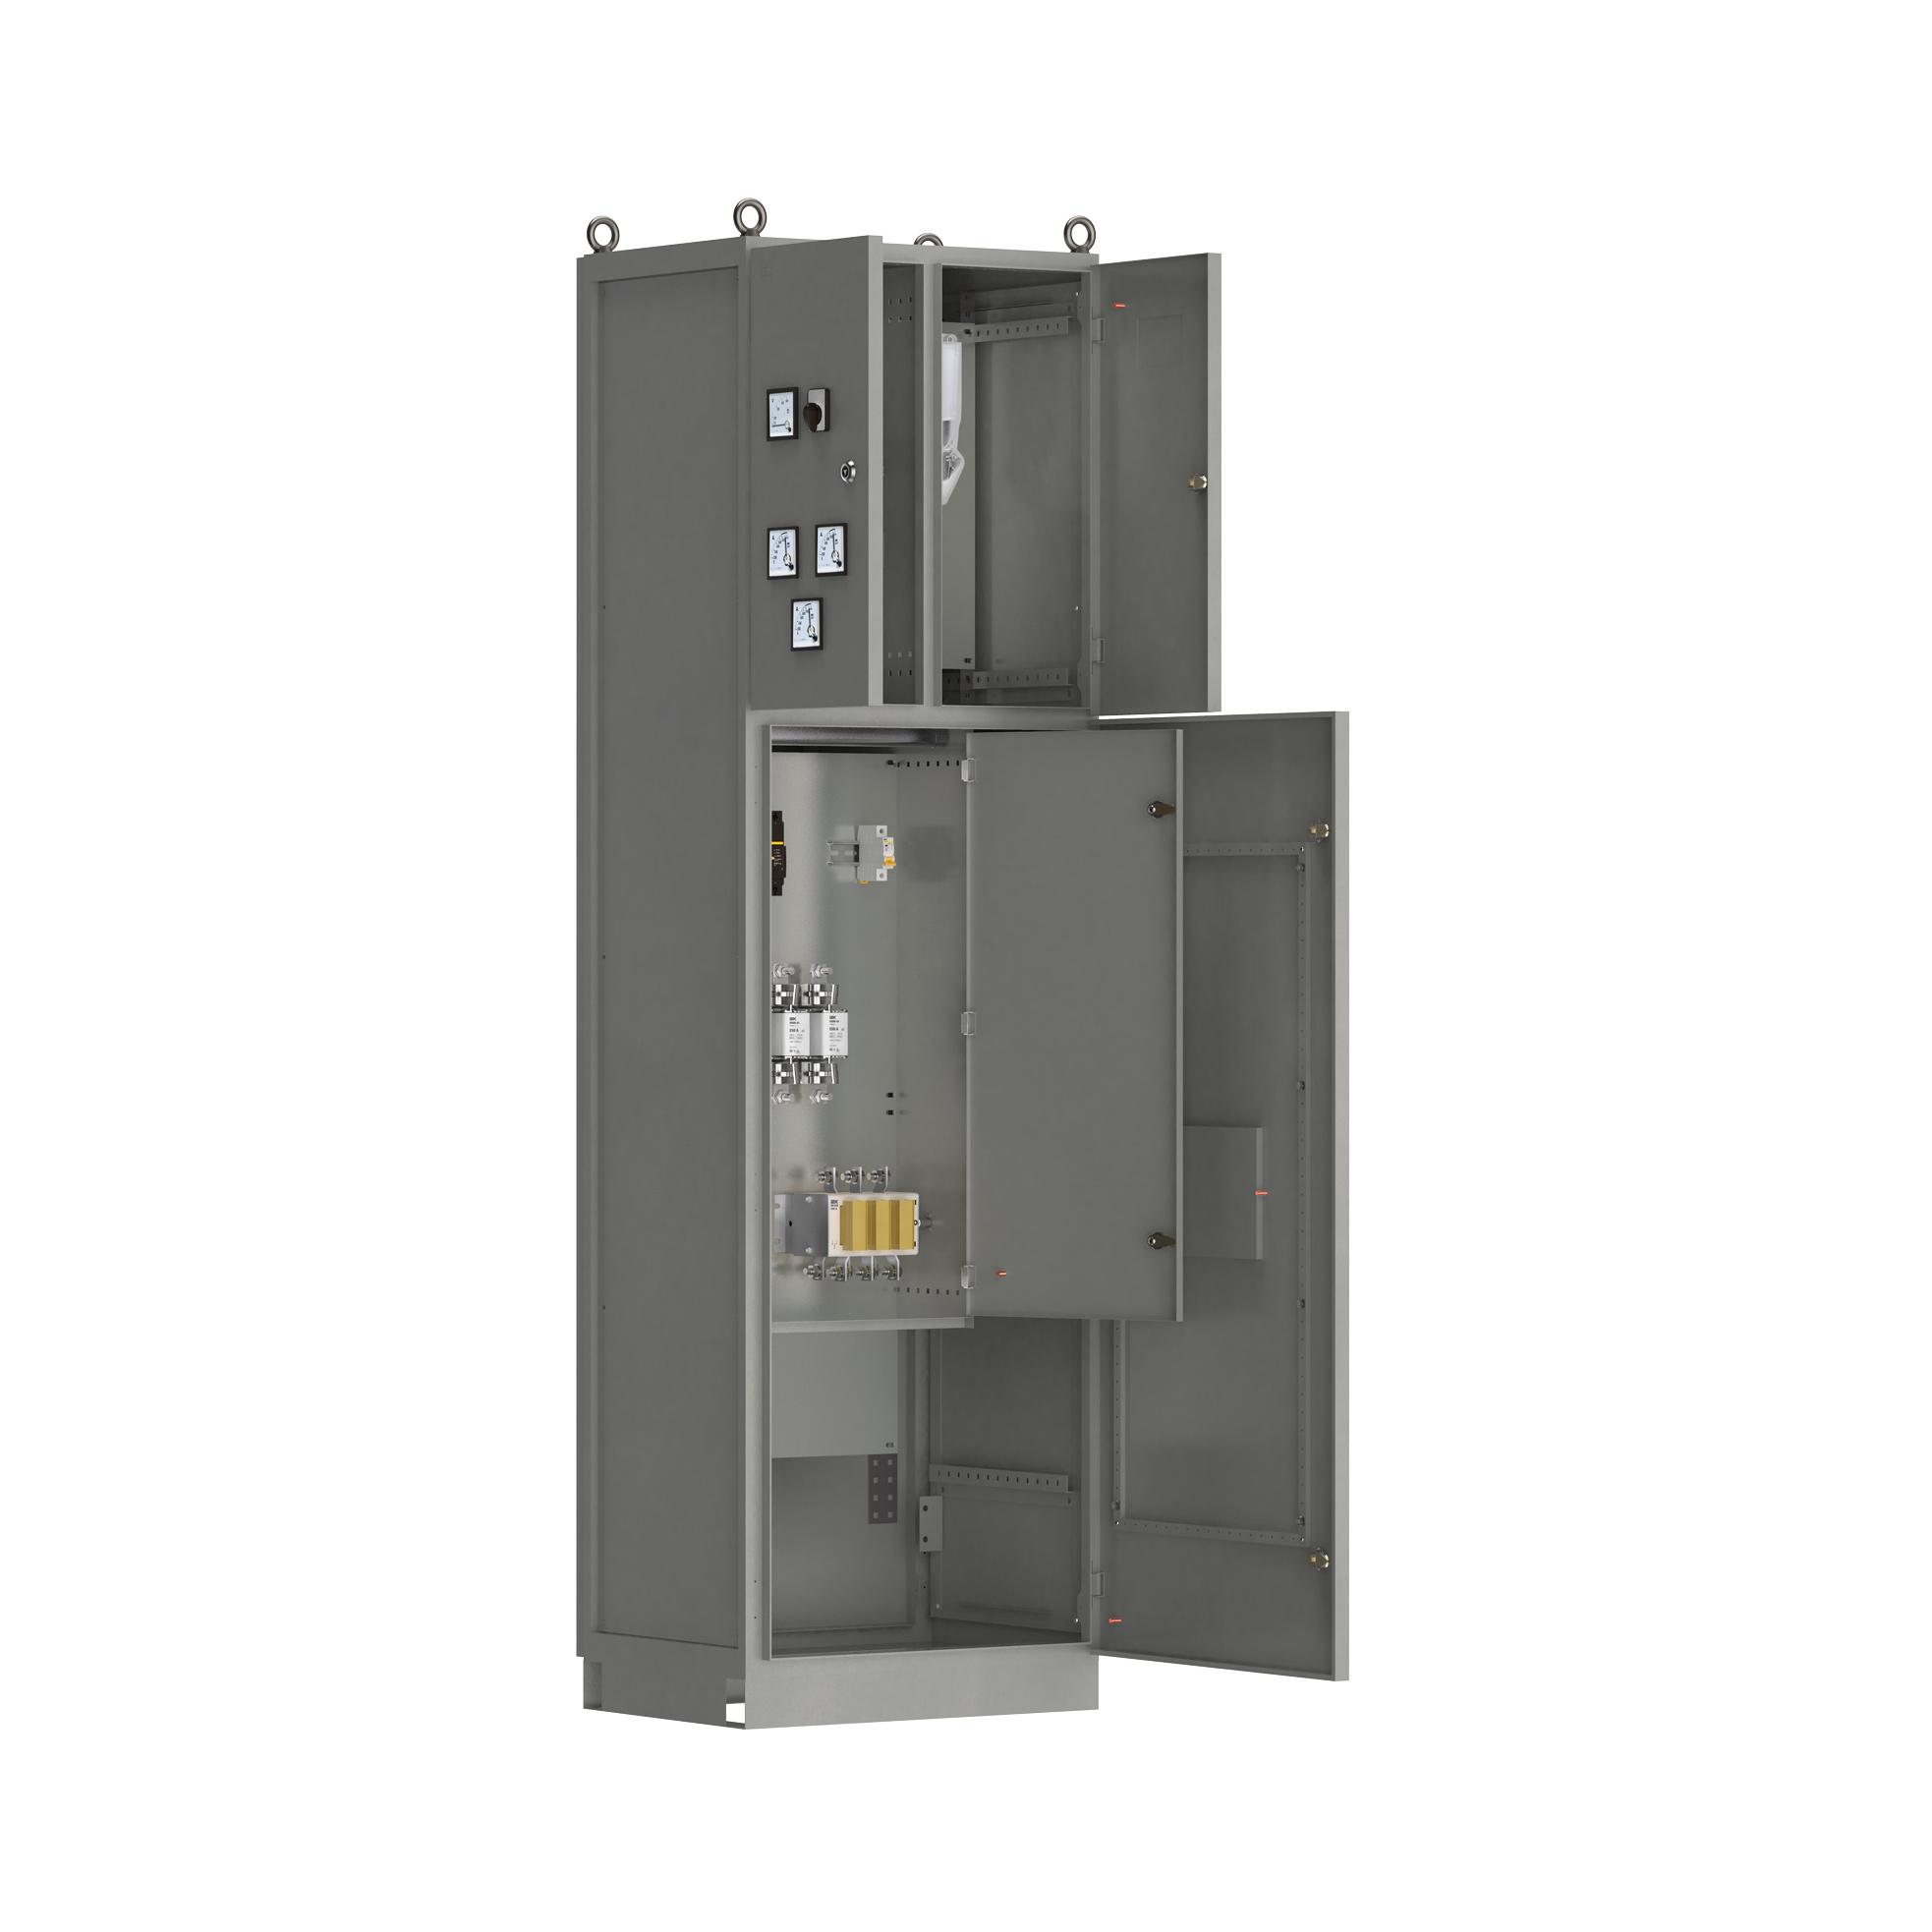 Панель вводная ВРУ-8504 МУ 3ВП-6-25-1-30 рубильник 1х250А выключатели автоматические 3Р 1х125А 1Р 1х6А плавкие вставки 3х250А и учет IEK